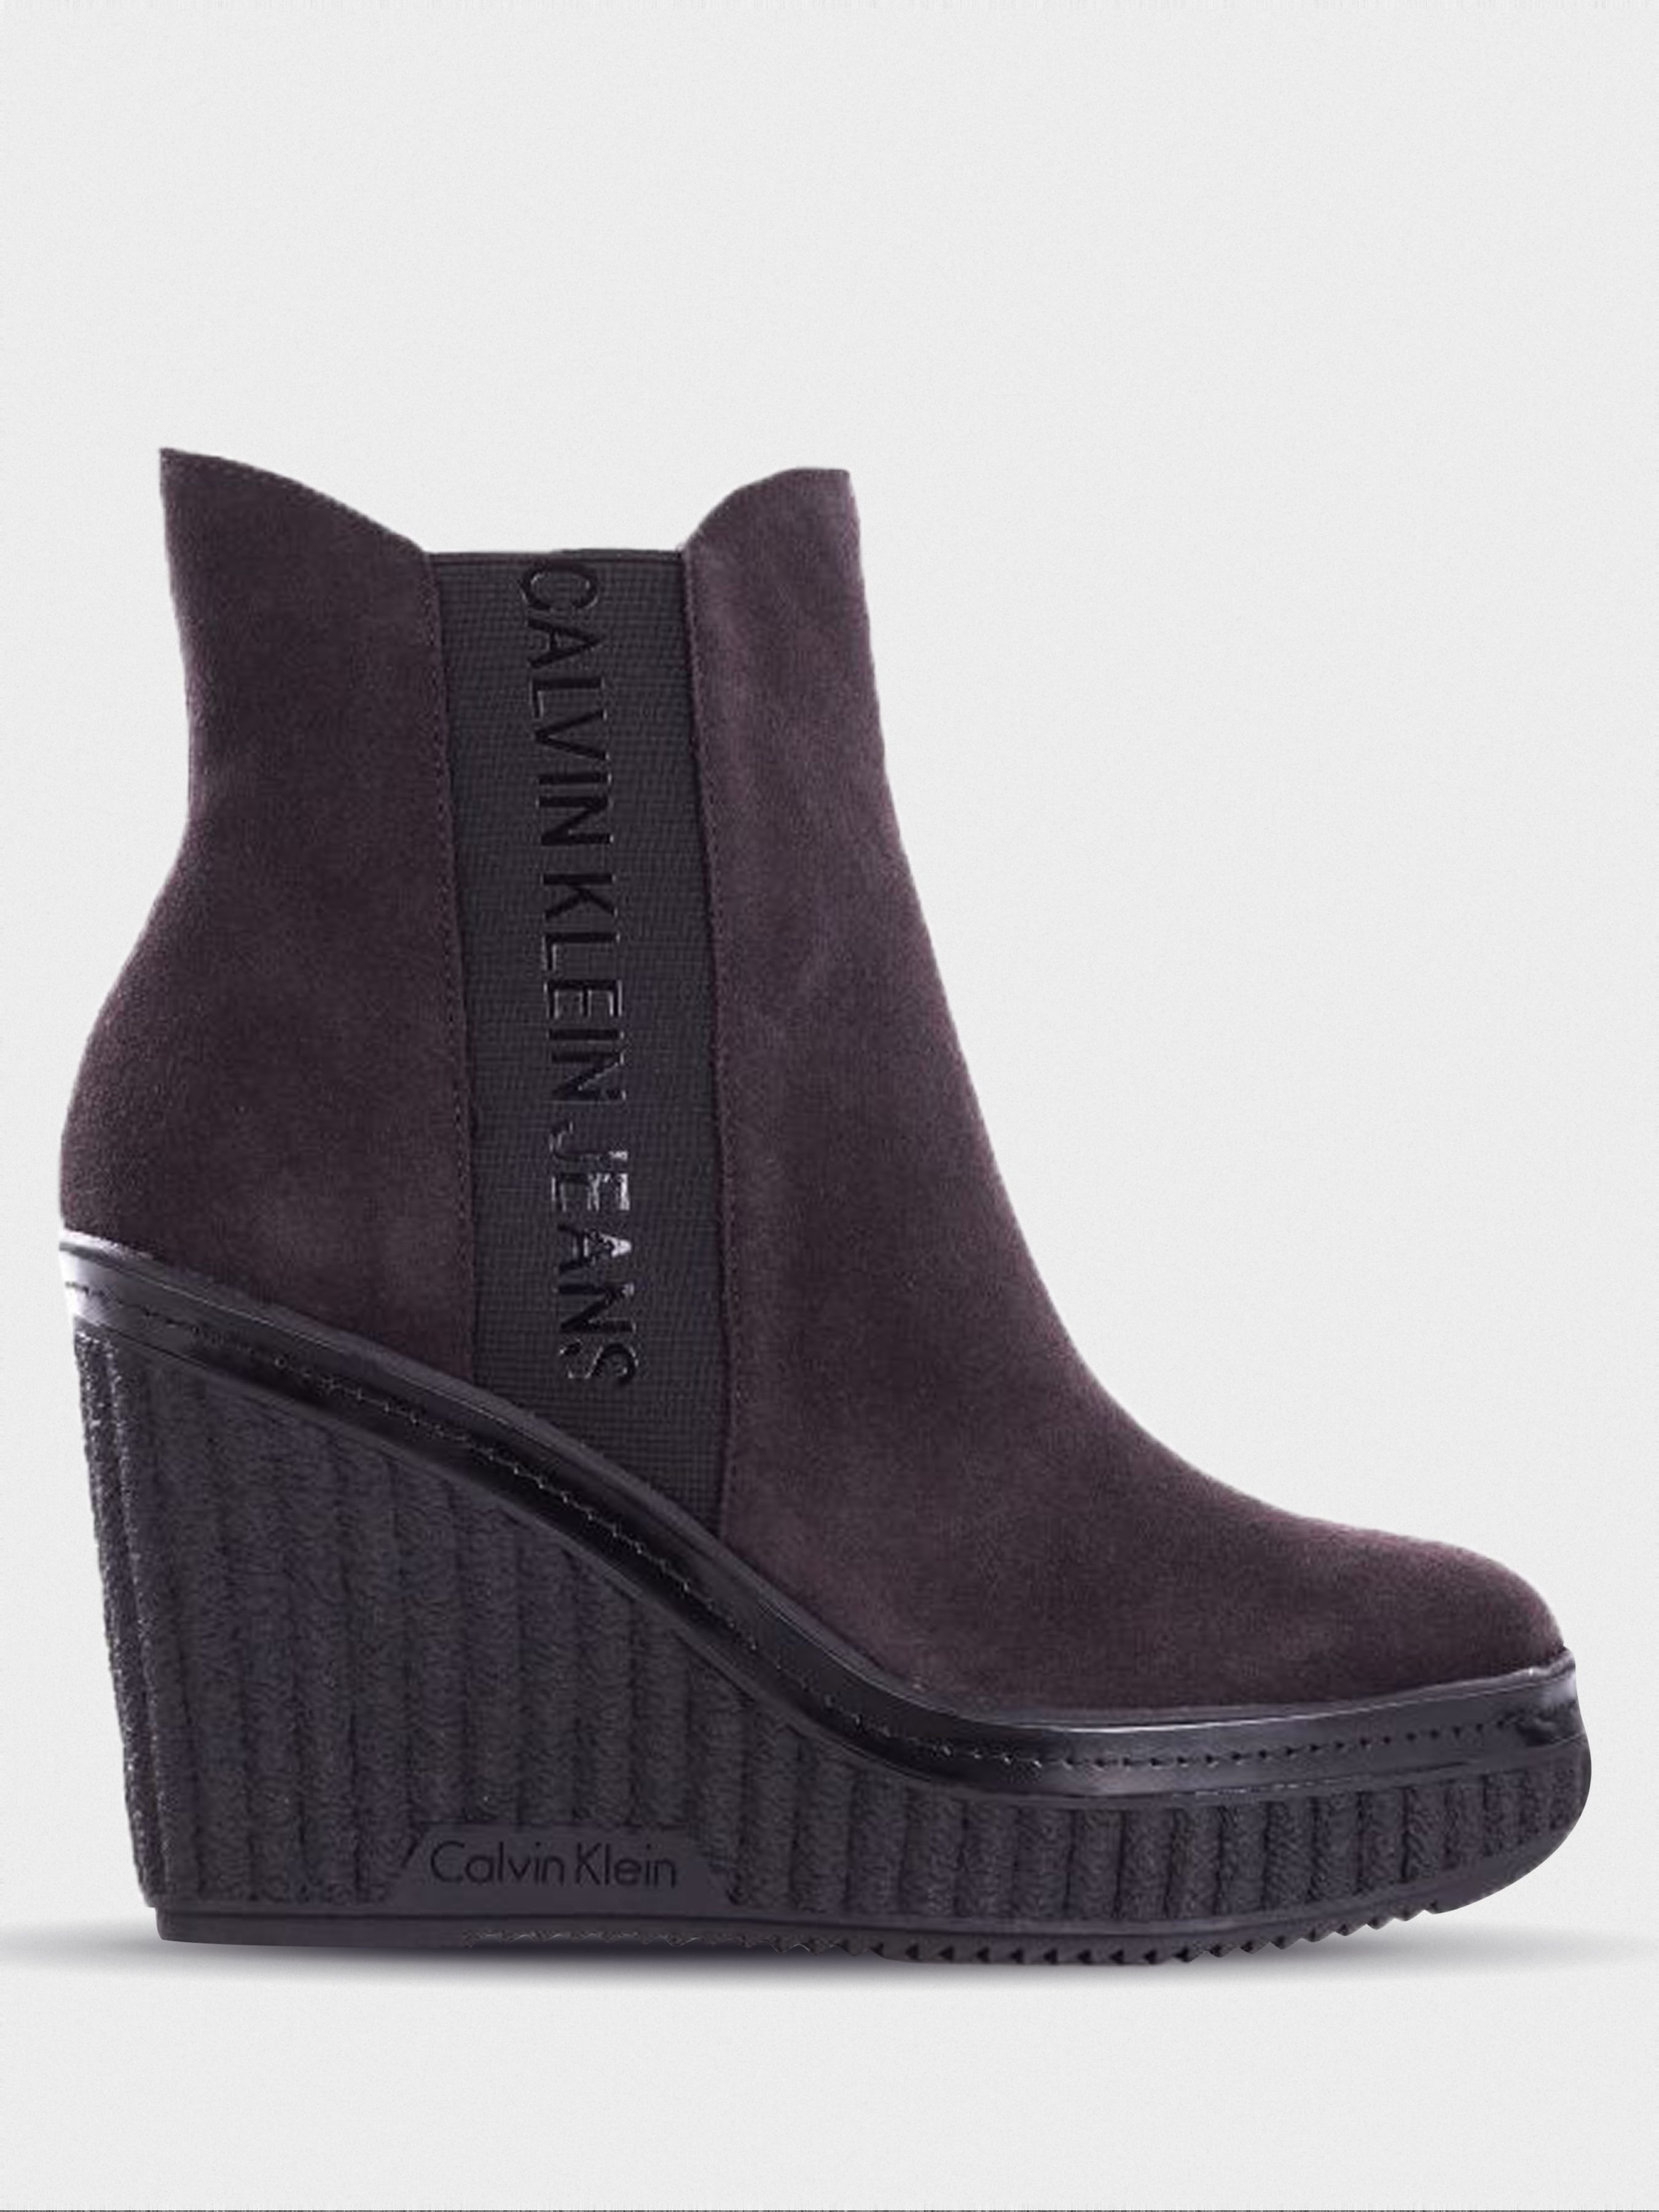 Купить Ботинки женские Calvin Klein Jeans 3Y73, Коричневый